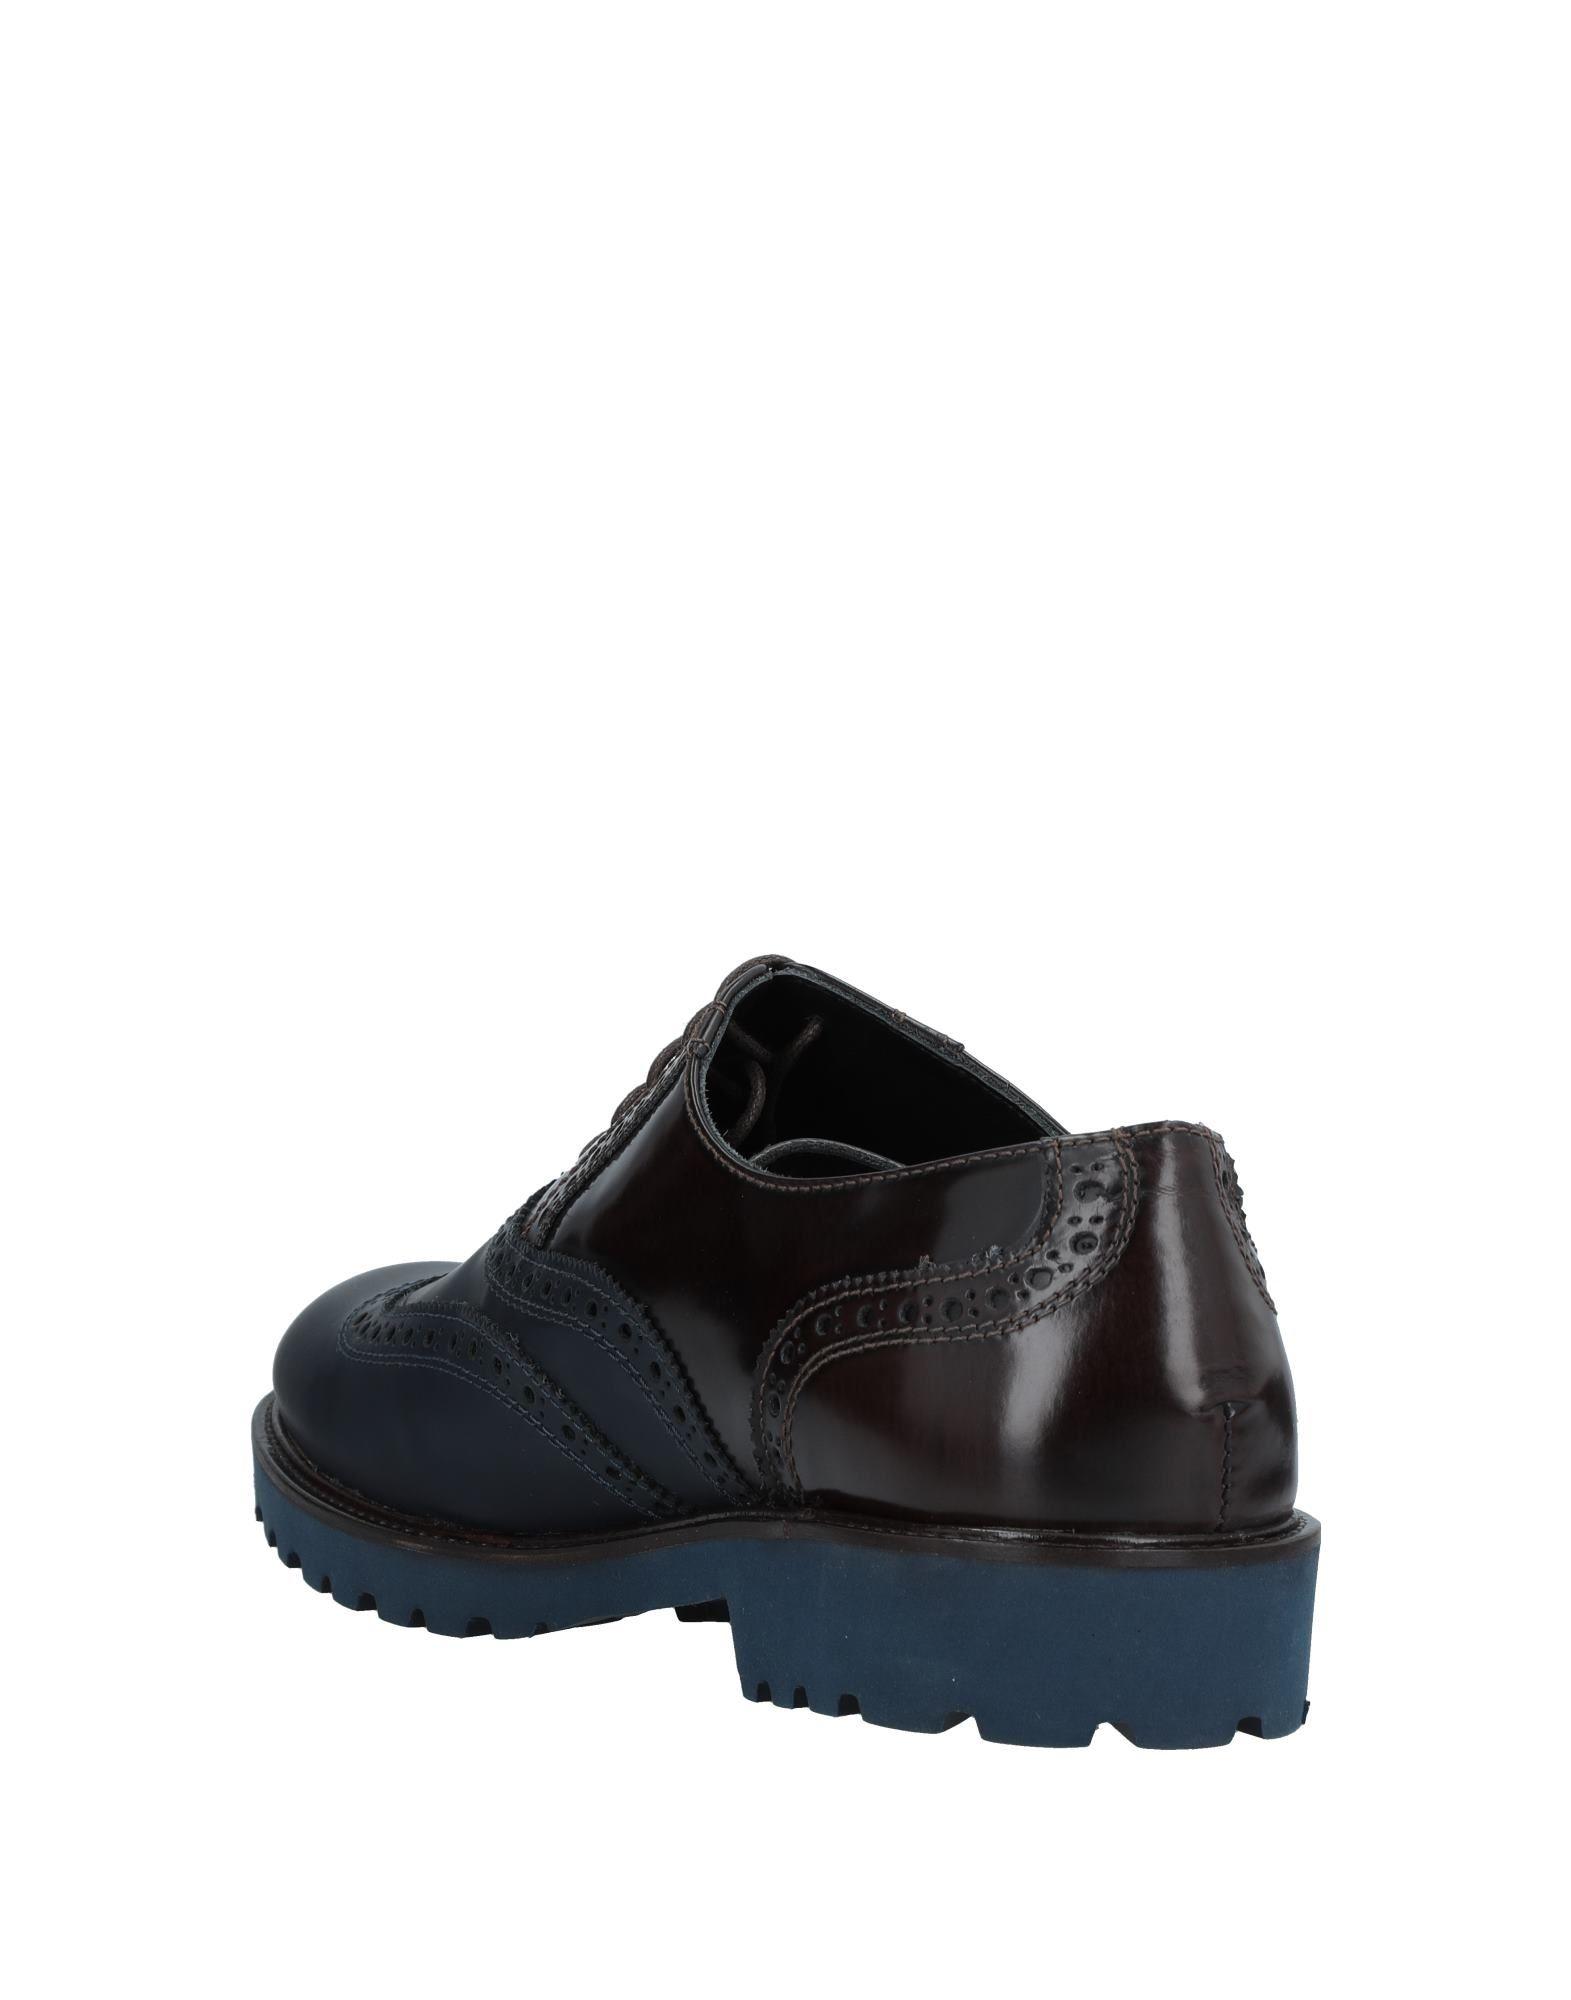 Rabatt echte Schuhe  Gold Brothers Schnürschuhe Herren  Schuhe 11537533QD 2e84fd